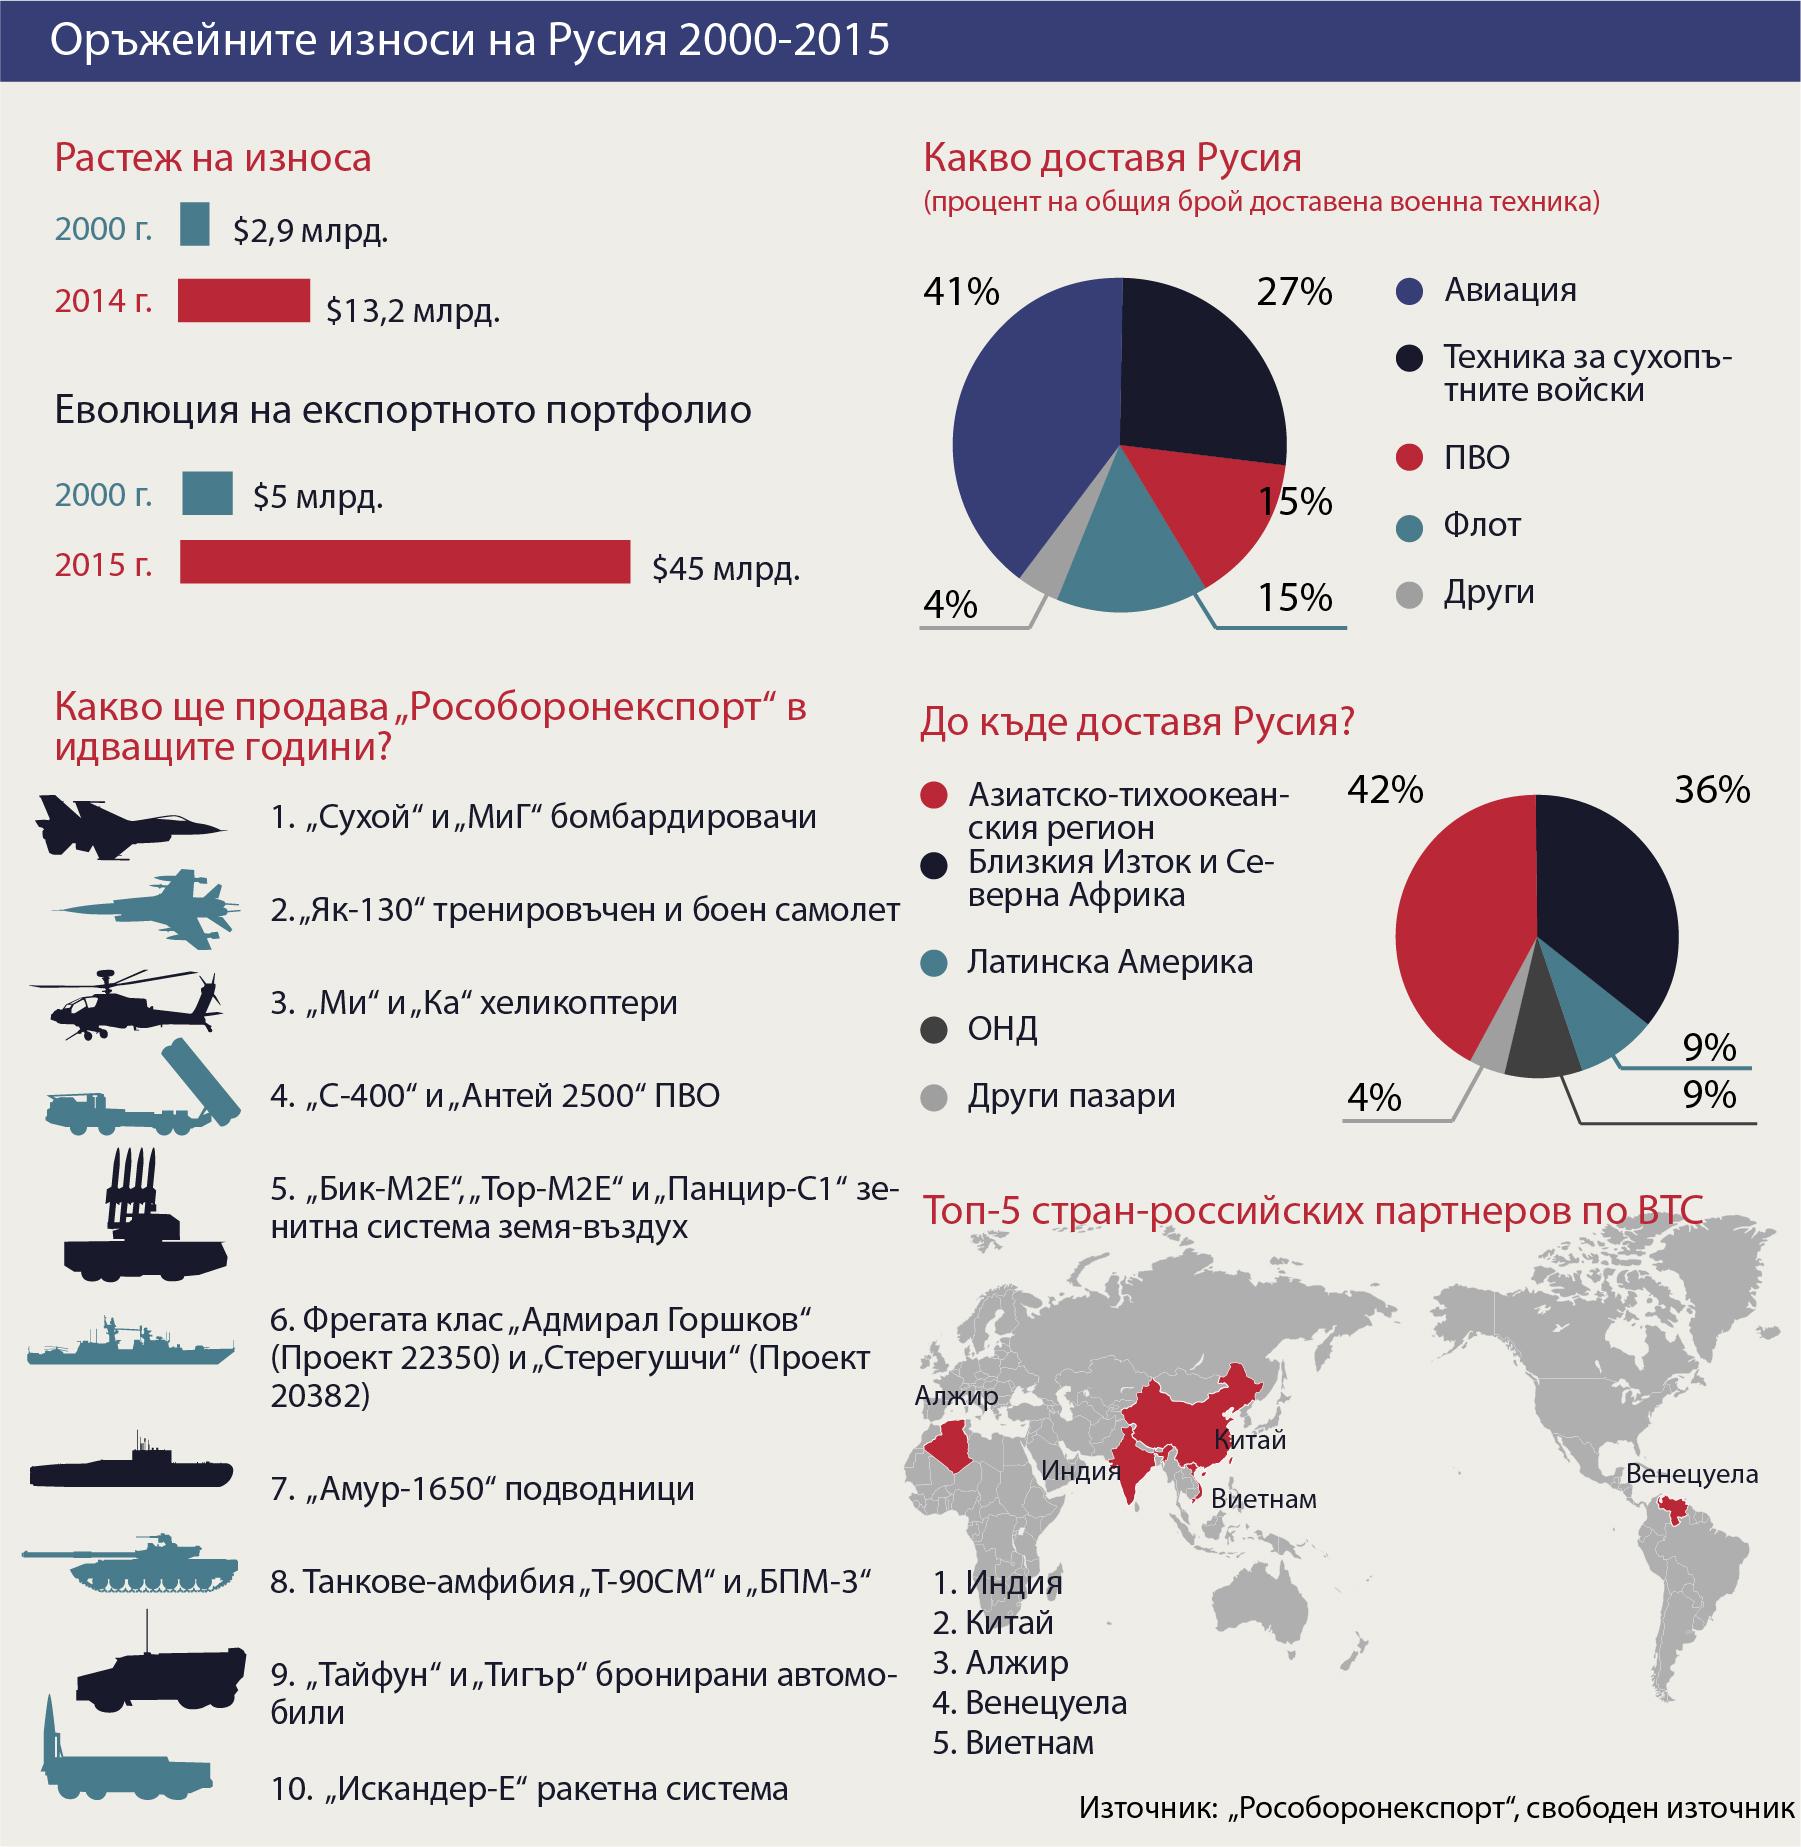 """Днес общият износ на руските компании в сферата на военно-техническото сътрудничество с чужди страни надхвърля $50 млрд, каза пред журналисти главният изпълнителен директор на """"Рособоронекспорт"""" Анатолий Исайкин в края на октомври 2015 година.Той също така каза, че когато компанията е основана през 2000 г., по-голямата част от износа на руска военна техника е отивал само за две страни – Индия и Китай.Днес компанията си сътрудничи със 70 държави, а Русия изнася оръжия на стойност повече от $13 млрд., като единствено САЩ е по-напред в това отношение с износ от $17 млрд.Това портфолио ще помогне на Русия да се задържи на второ място в световния износ на оръжие с пазарен дял от 27% (само в Съединените щати има повече - 29%) през следващите 5-7 години, каза Исайкин.Как се разработва износът на оръжие в Русия, кои са основните му потребители, кое е най-търсеното военно оборудване в чужбина и какви военни продукти ще доставя """"Рособоронекспорт"""" през следващите години? Отговорите може да намерите в диаграмата на """"Руски дневник""""."""